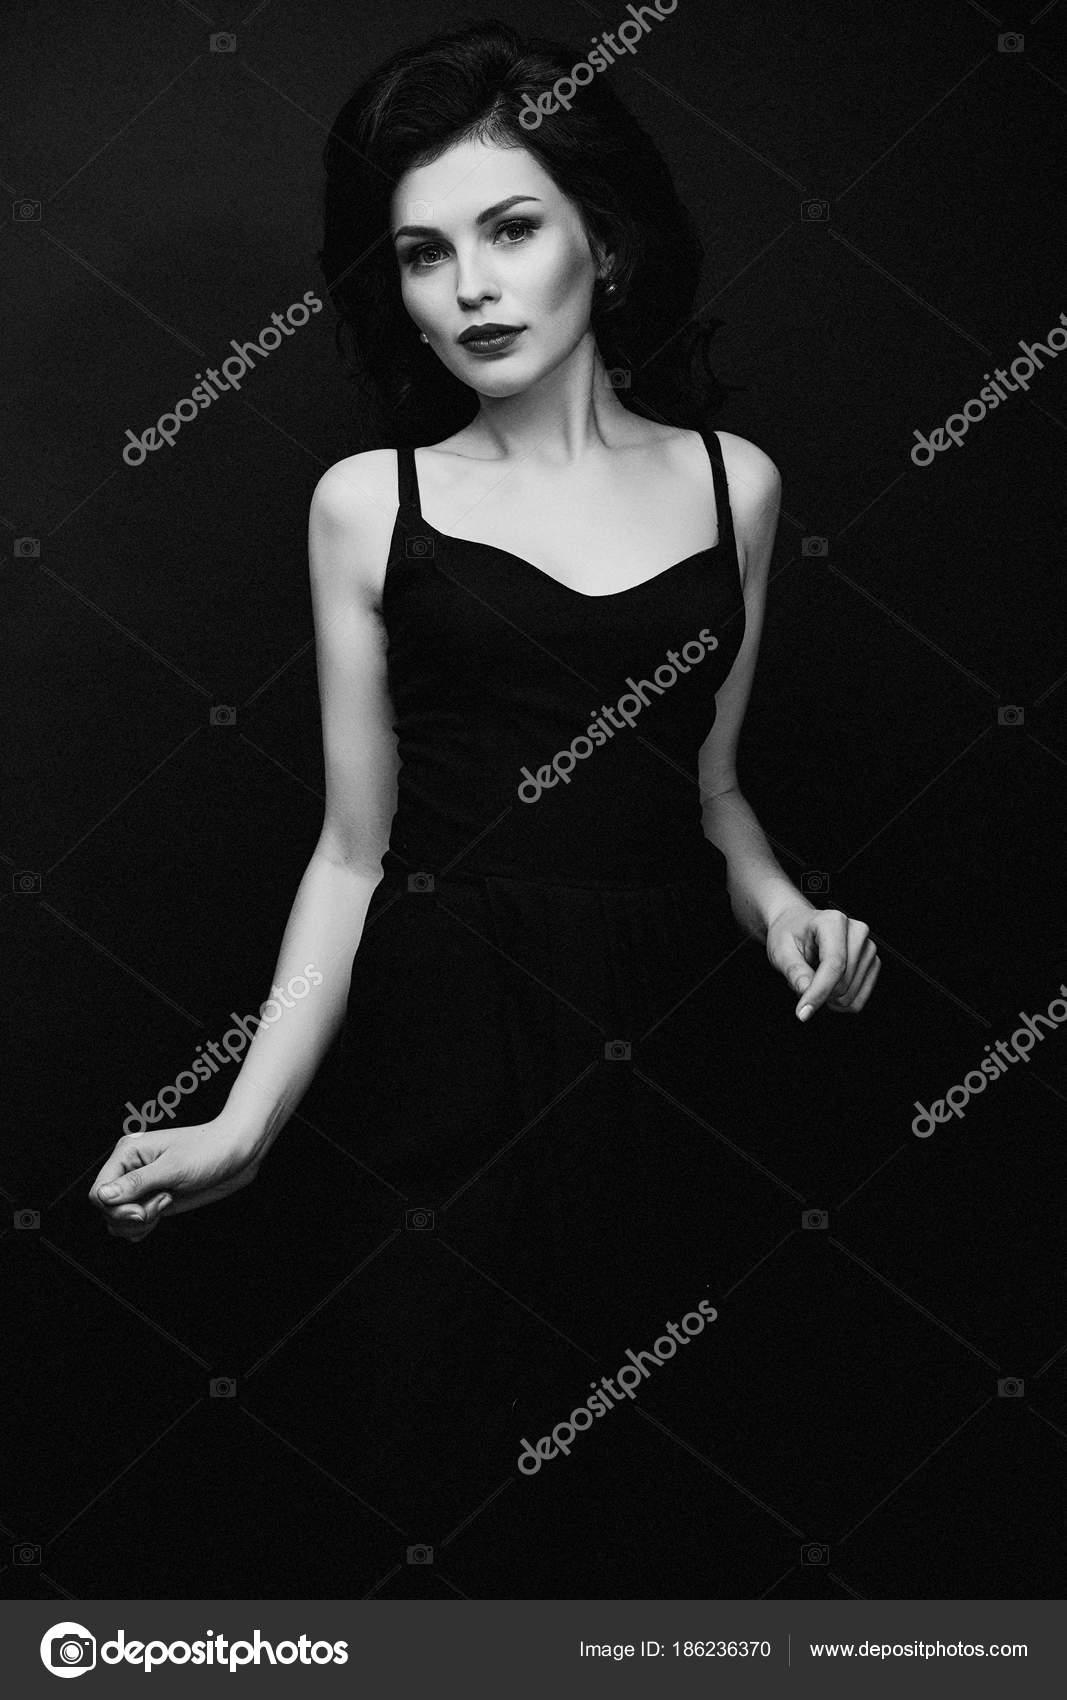 69ecbc5feee2b3a Черно Белые Фото Великолепная Девушка Брюнетка Элегантном Черном Платье  Позирует — стоковое фото